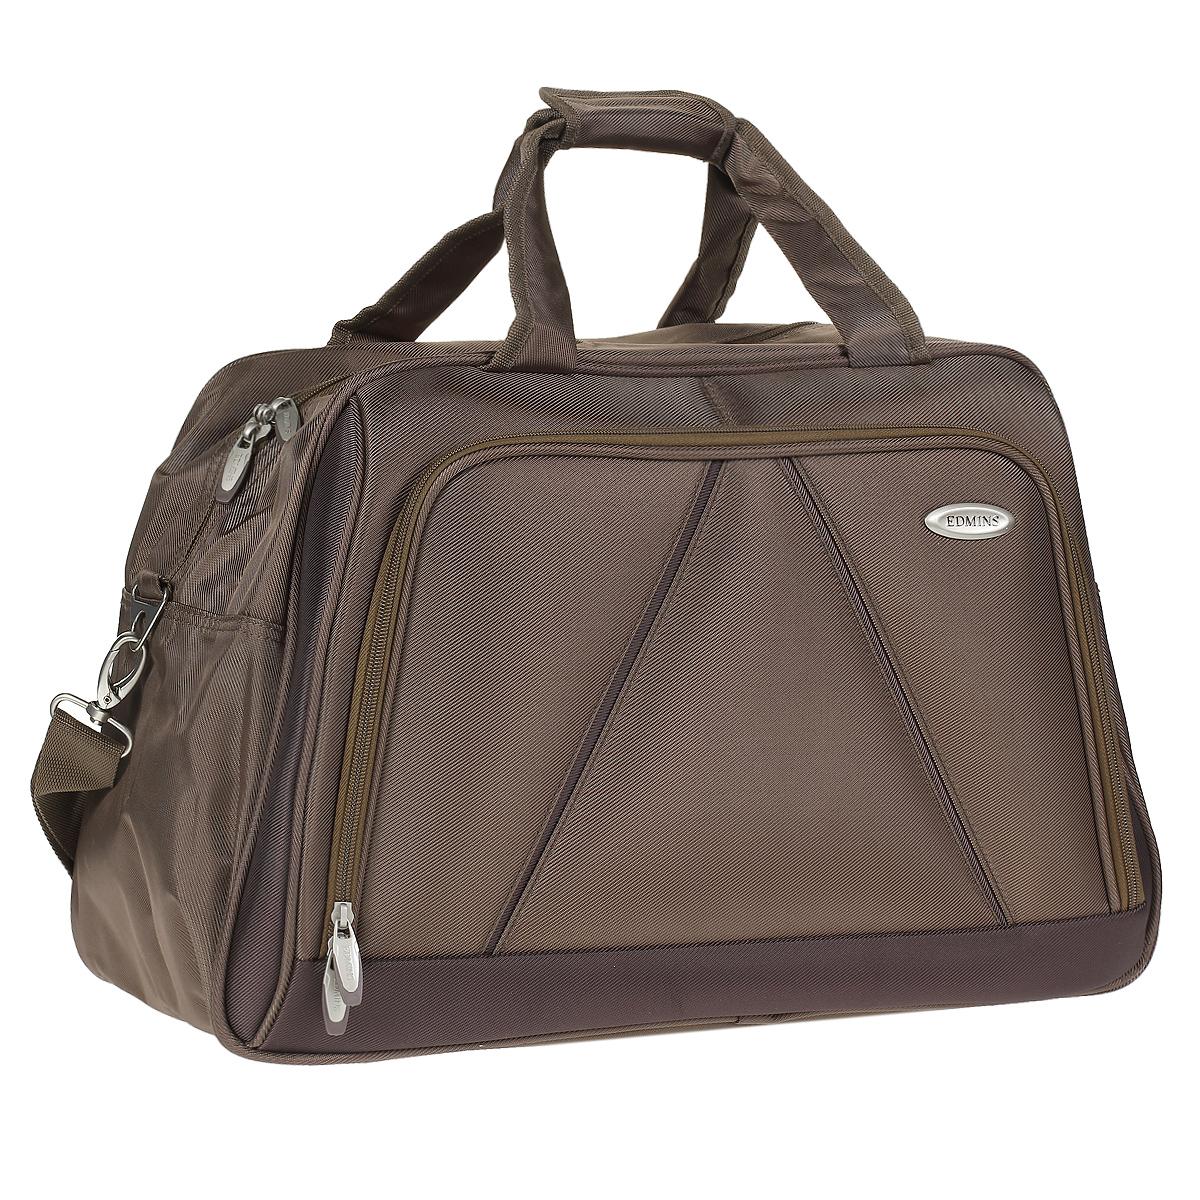 Сумка дорожная Edmins, цвет: бронза. 243 CVFABLSEH10002Стильная дорожная сумка Edmins выполнена из плотного полиэстера бронзового цвета. Сумка имеет одно вместительное отделение, закрывающееся на застежку-молнию. Сумка снабжена механическим замком с двумя ключами. Внутри содержится вшитый карман на молнии и перегородка. На лицевой стороне расположен накладной карман на молнии. На задней стенке - карман для мелочей на липучке. Сумка оснащена двумя удобными ручками и отстегивающимся плечевым ремнем регулируемой длины. На дне - пластиковые ножки. Фурнитура - серебристого цвета. Функциональная и вместительная, такая сумка поможет не только уместить все необходимые вещи, но и станет модным аксессуаром, который идеально дополнит ваш образ. Может использоваться в качестве ручной клади. Характеристики:Материал: полиэстер, металл, пластик.Размер сумки: 50 см х 30 см х 25 см.Цвет: бронза. Высота ручек: 20 см. Длина плечевого ремня (регулируется): 75 см. Максимальная нагрузка: 7 кг.